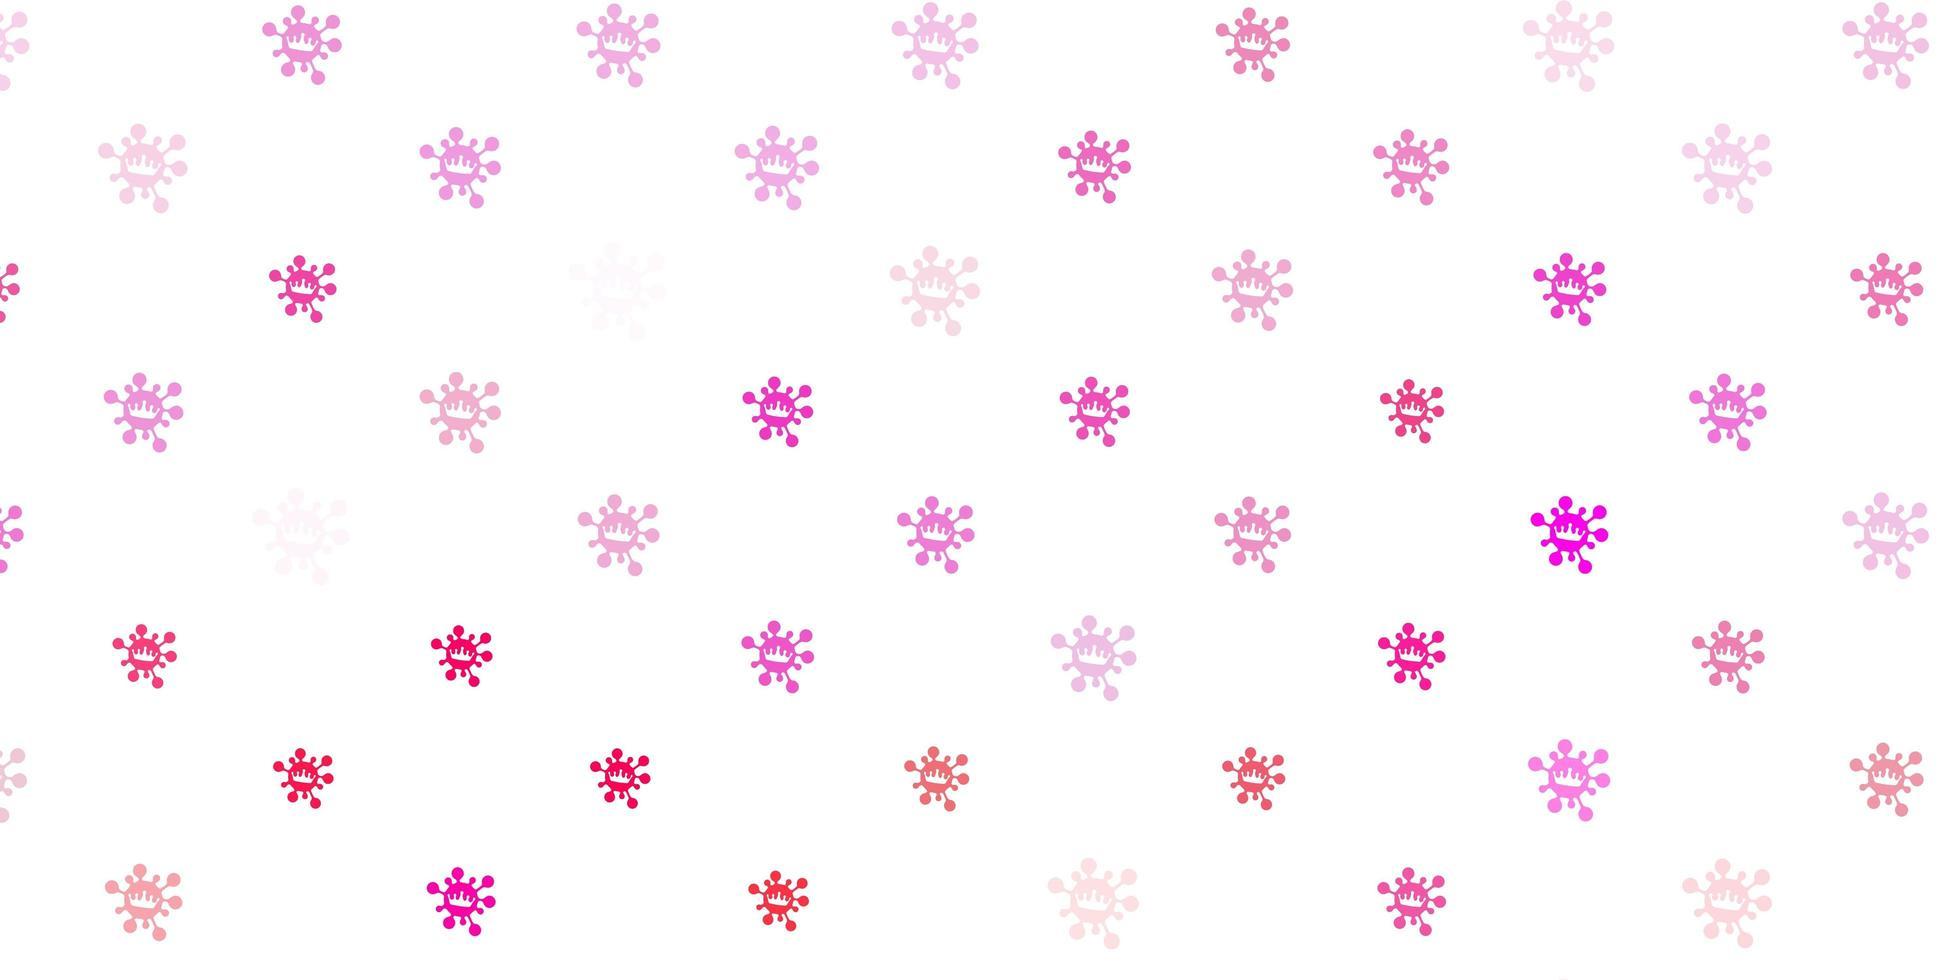 hellrosa Vektorbeschaffenheit mit Krankheitssymbolen vektor